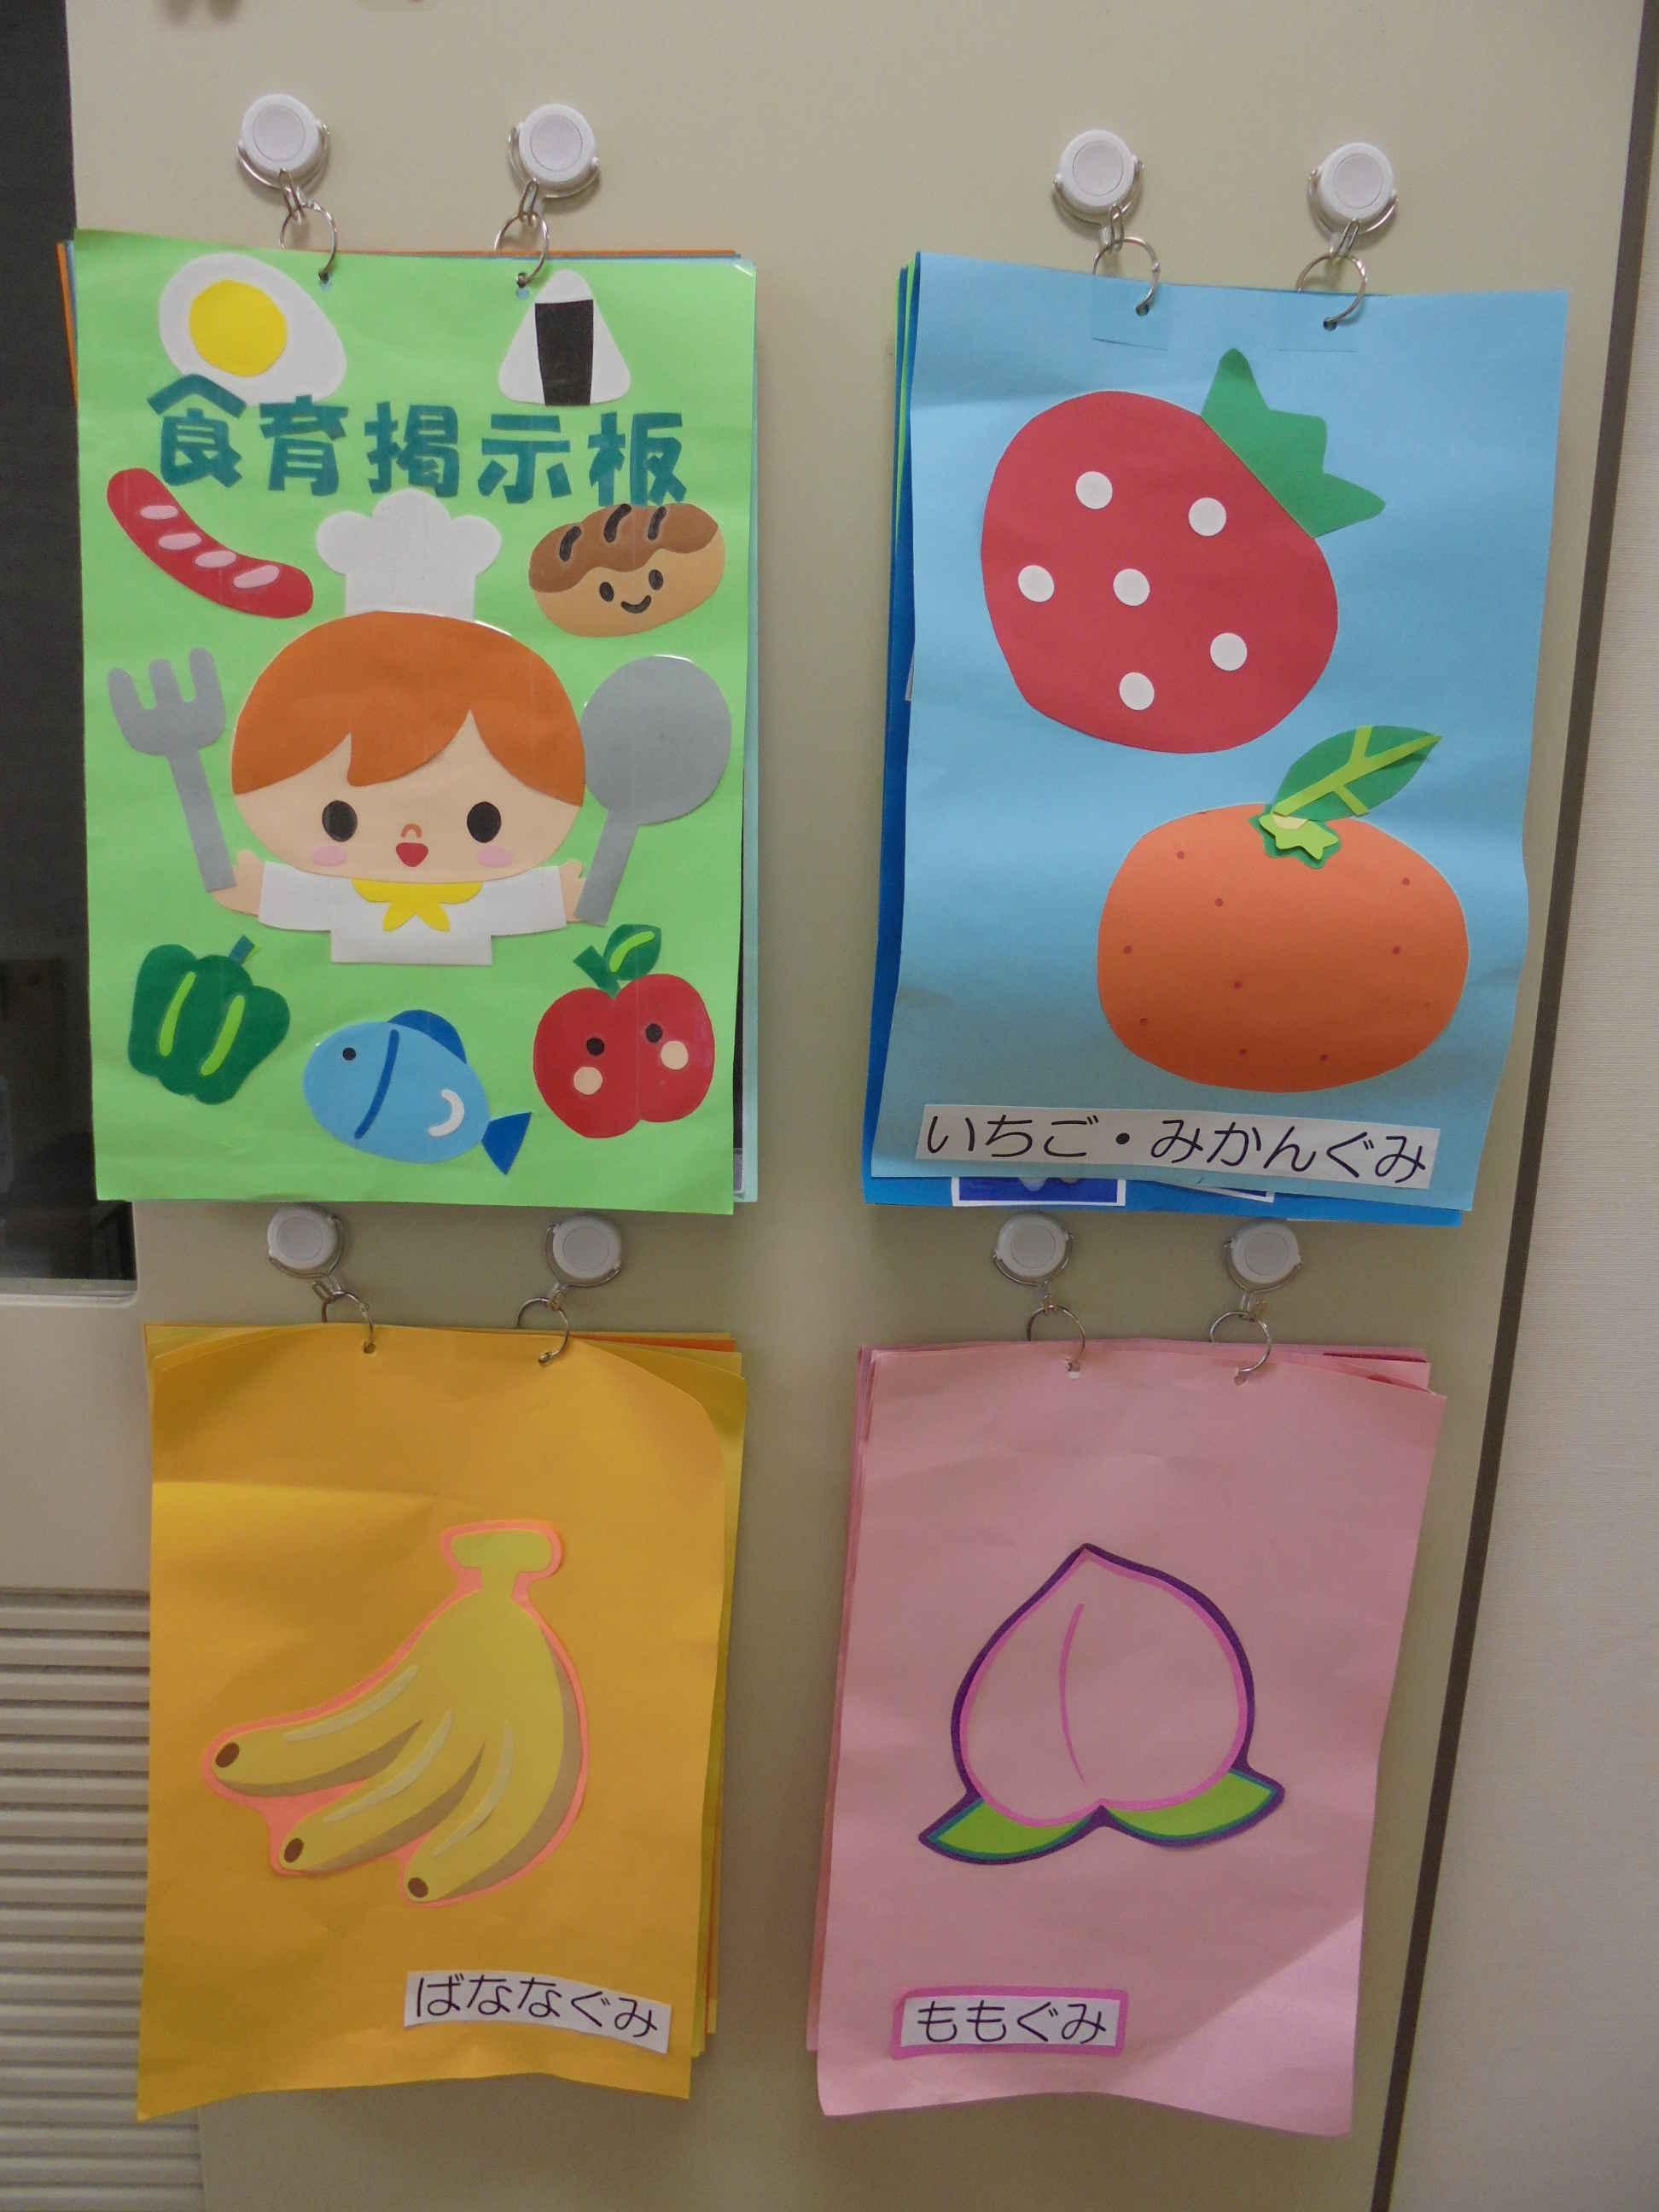 https://www.shopro.co.jp/hoiku/img/2021/01/10111212120212110.JPG